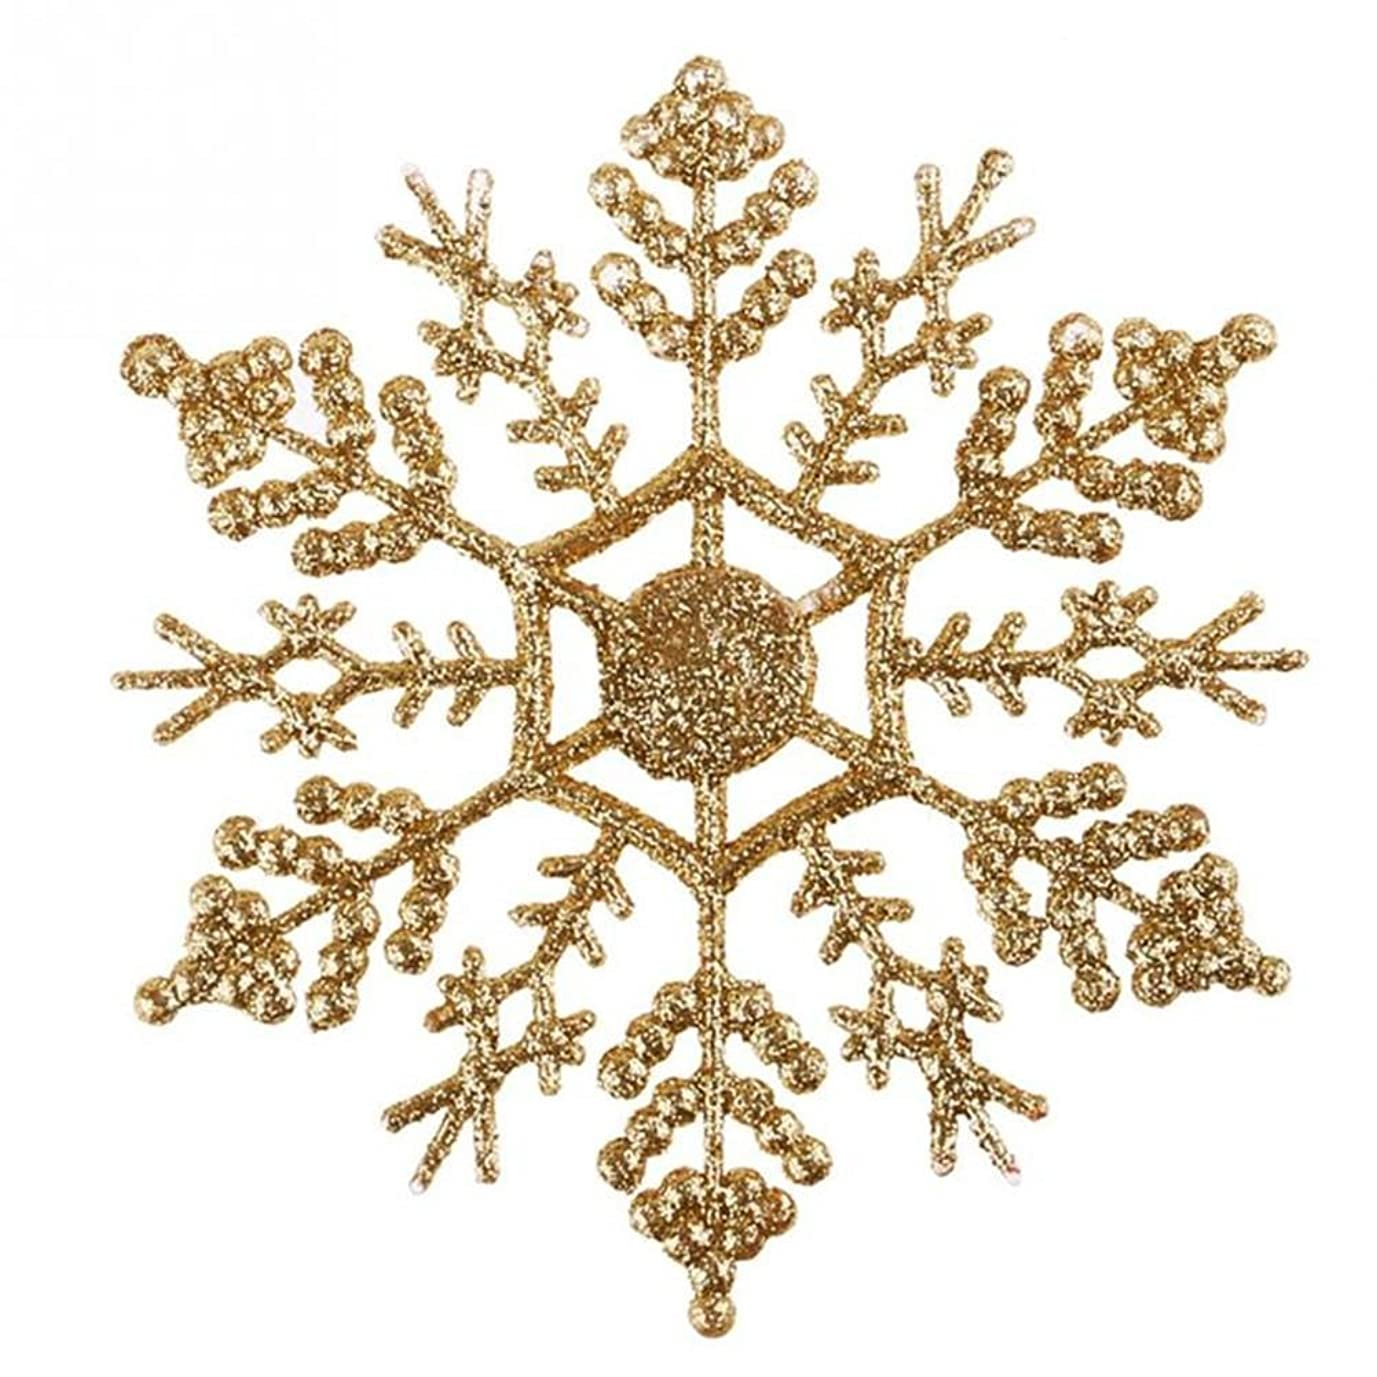 イソギンチャクこどもセンターご予約(ドリーミー ハット) Dreamy hut スノーフレーク 雪の結晶 クリスマスオーナメント 飾り 8色入り